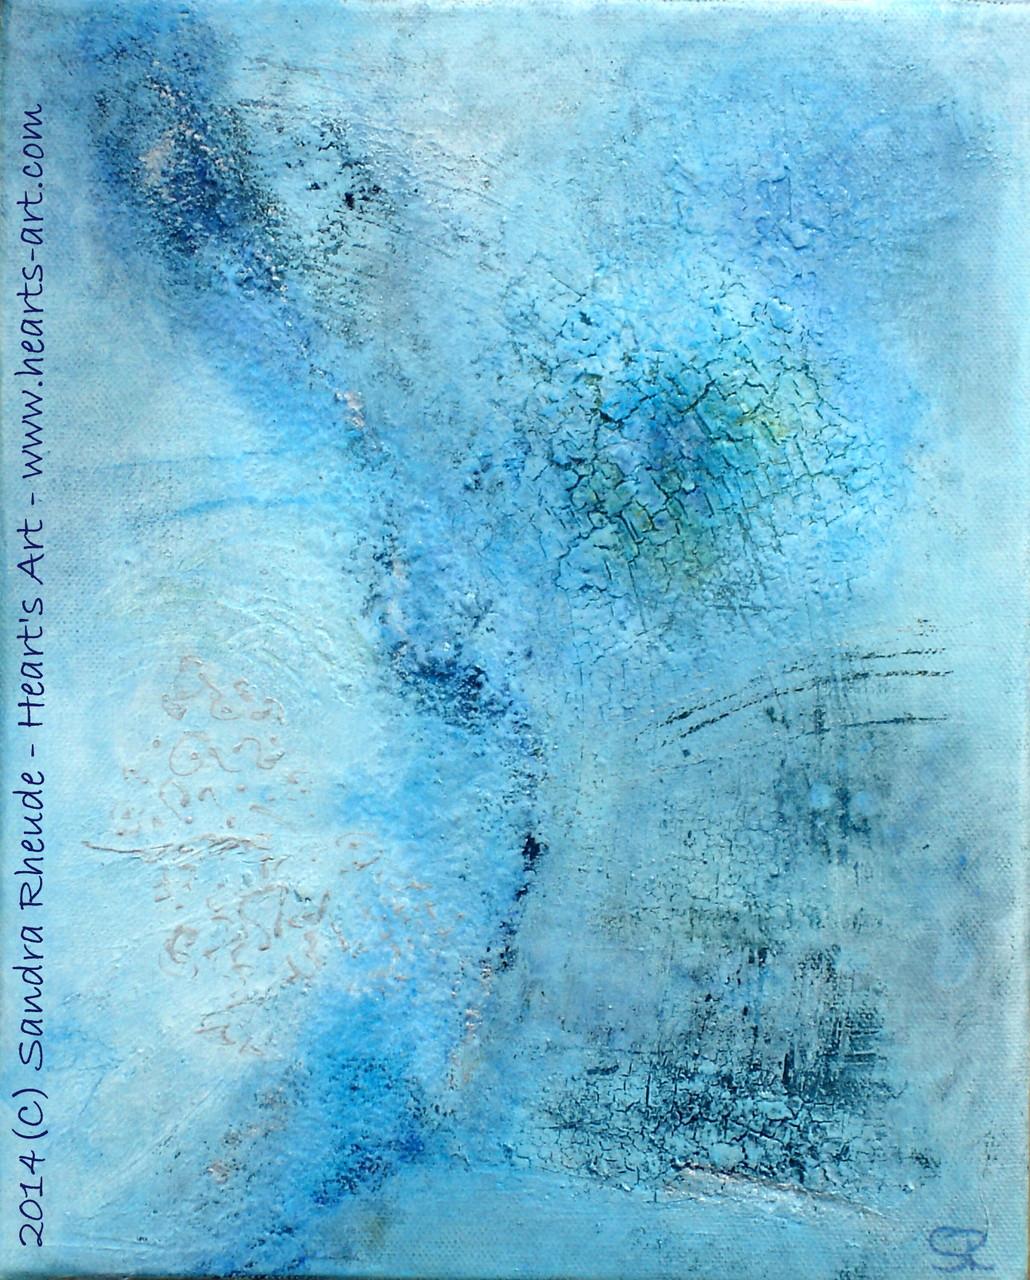 'Daydream' - 2014/32 - Acryl/MixedMedia auf Leinwand - 24 x 30 cm - € 170